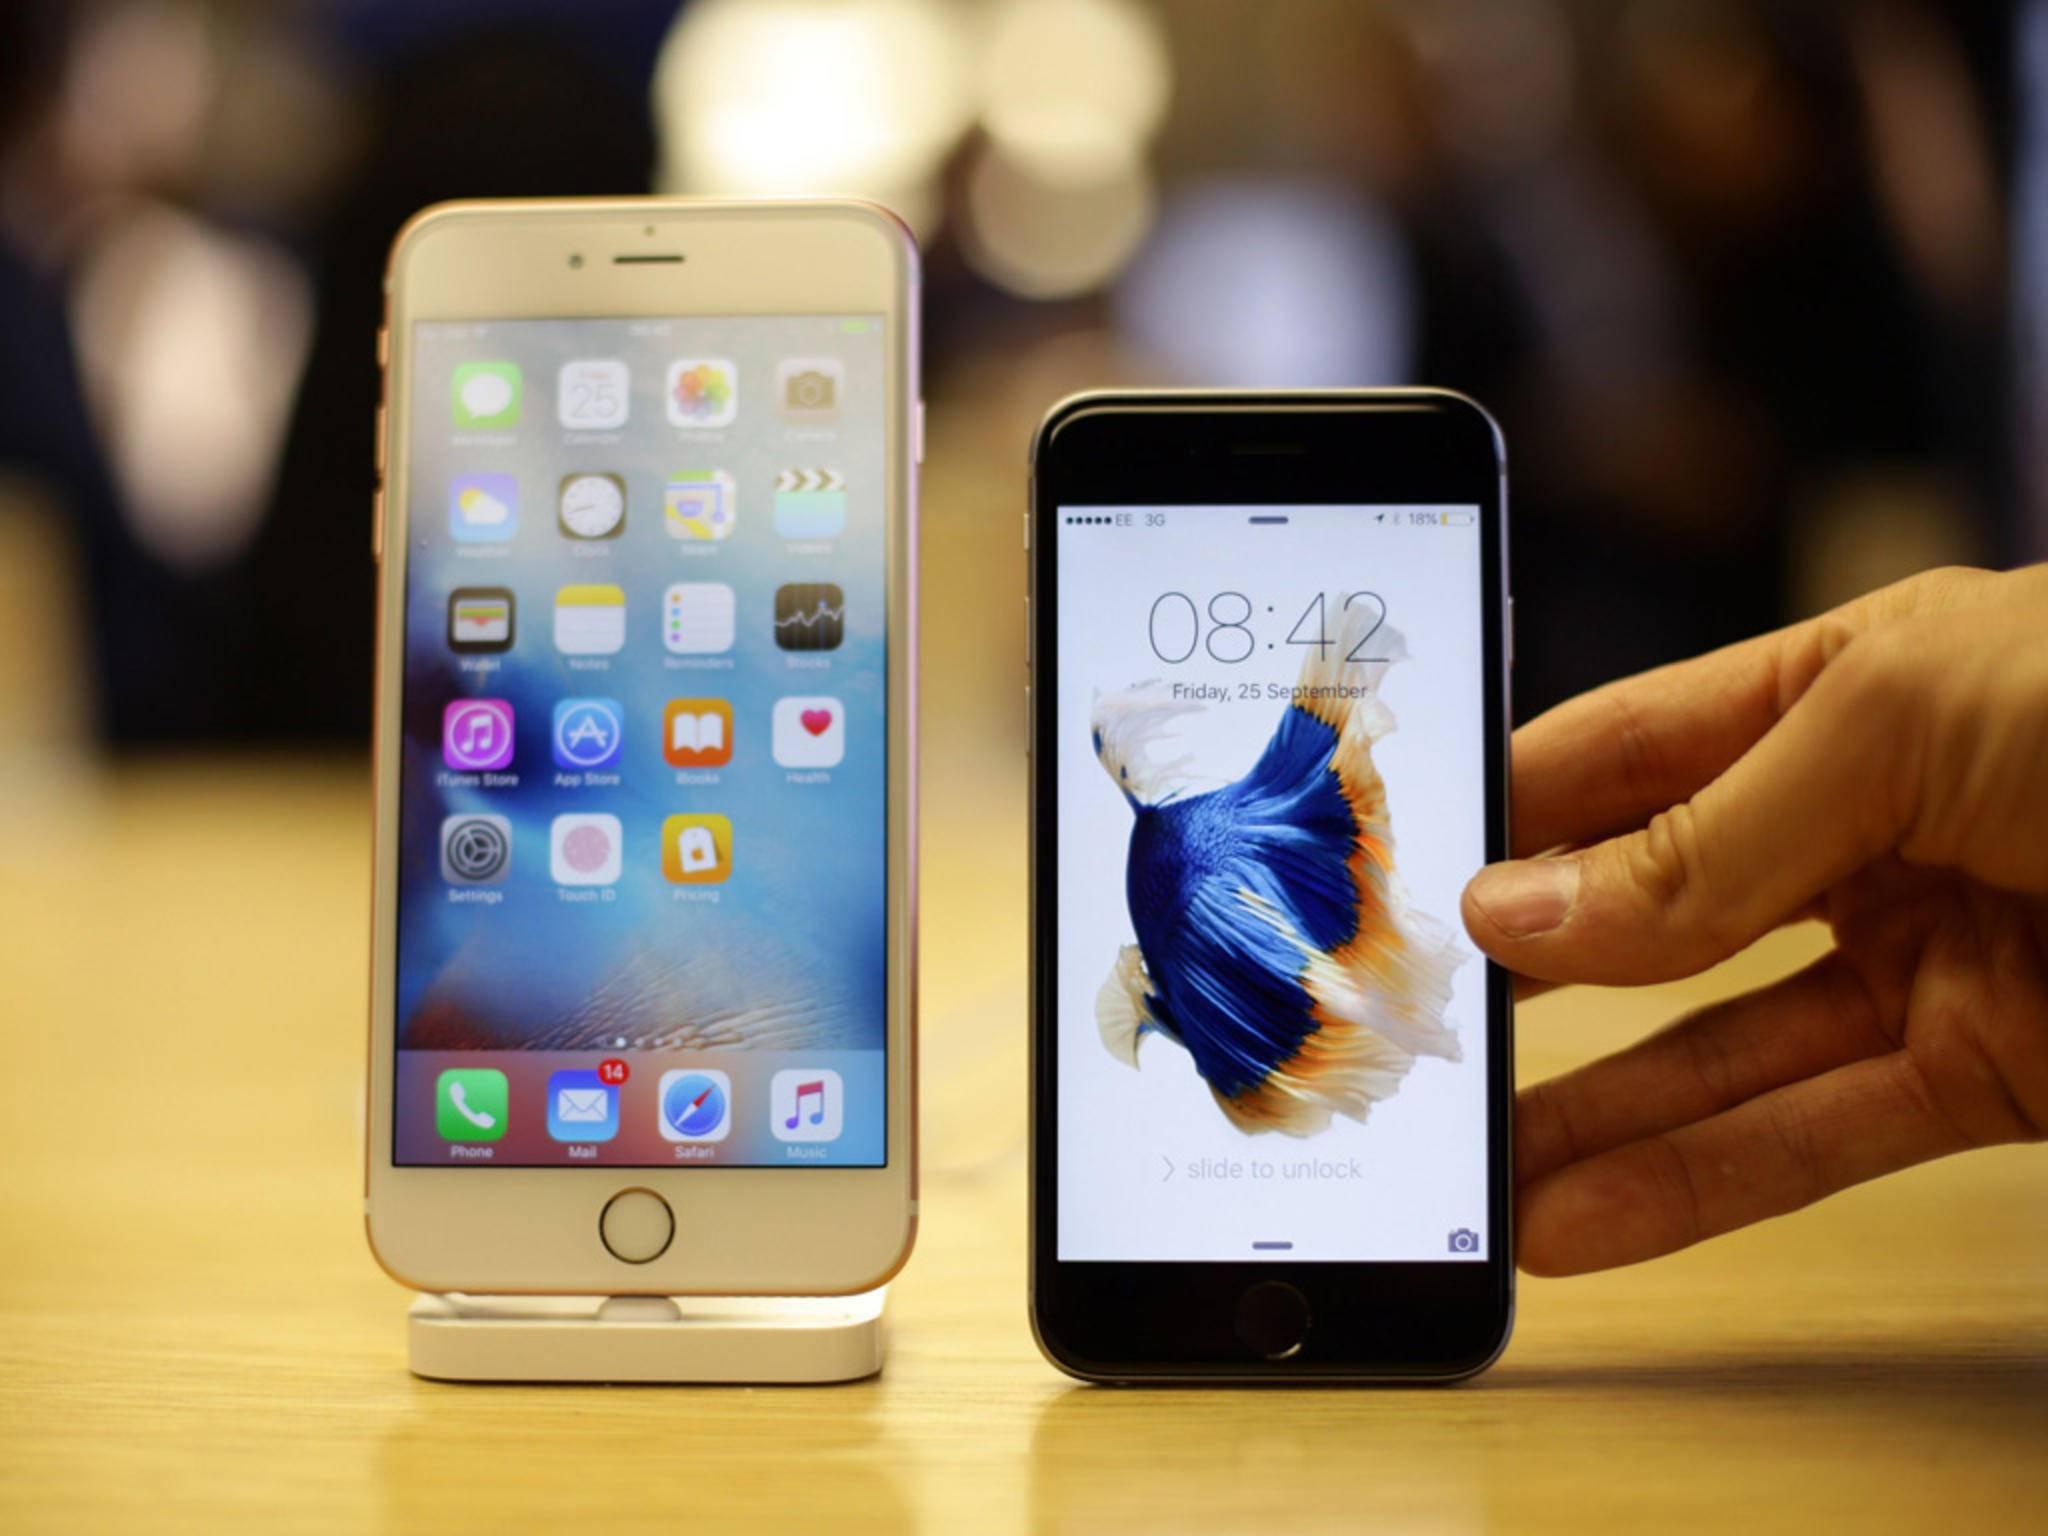 Das iPhone 6s und das iPhone 6s Plus waren diese Woche das Top-Thema.